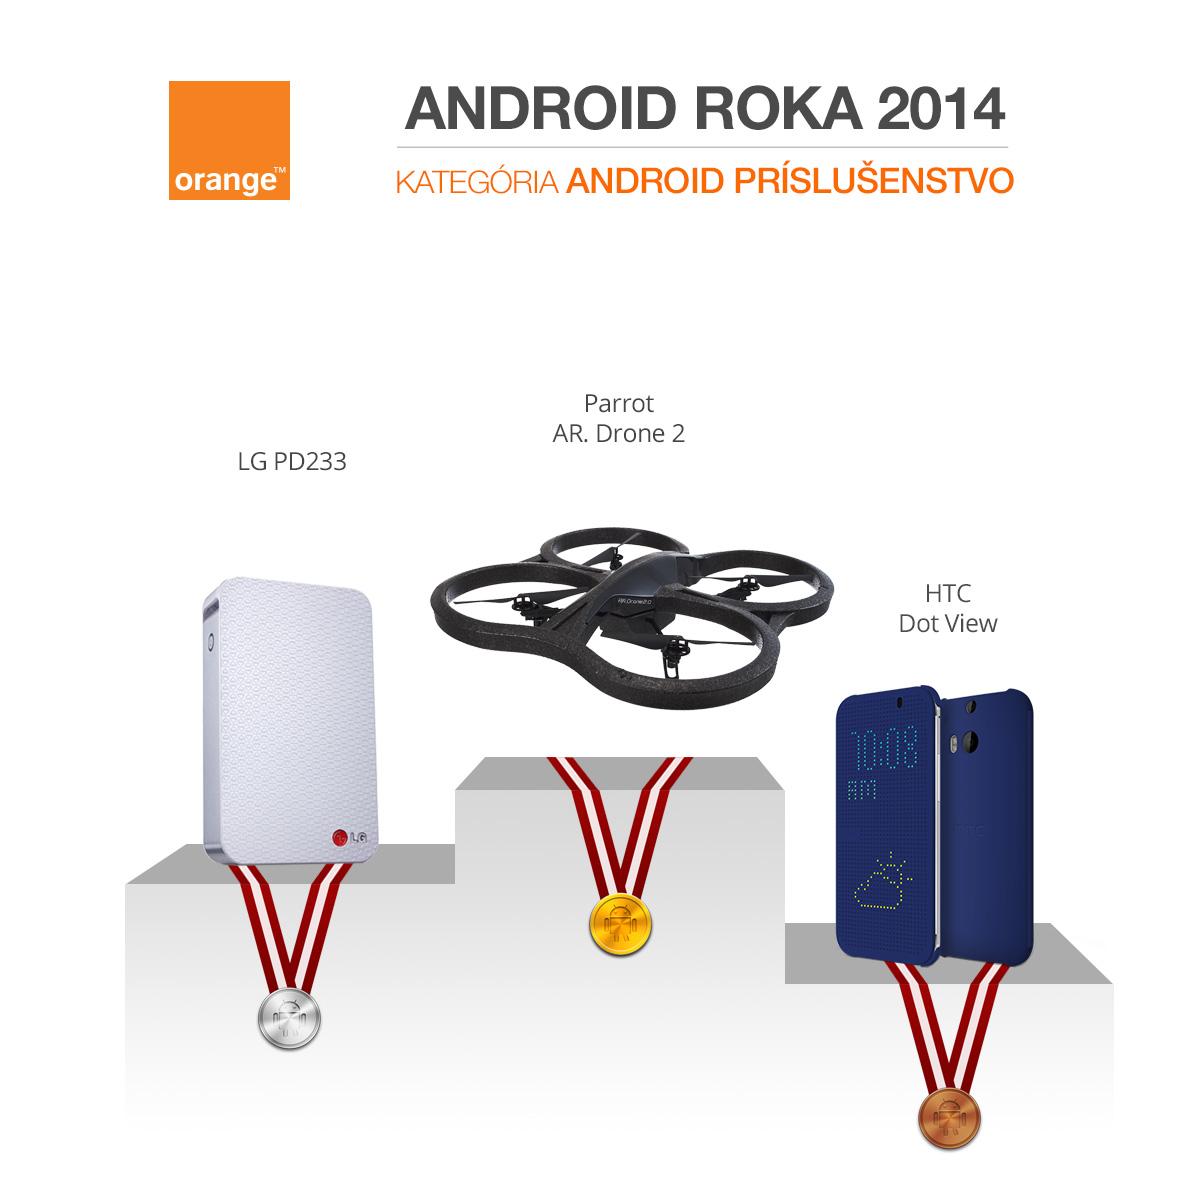 android roka 2014-prislusenstvo